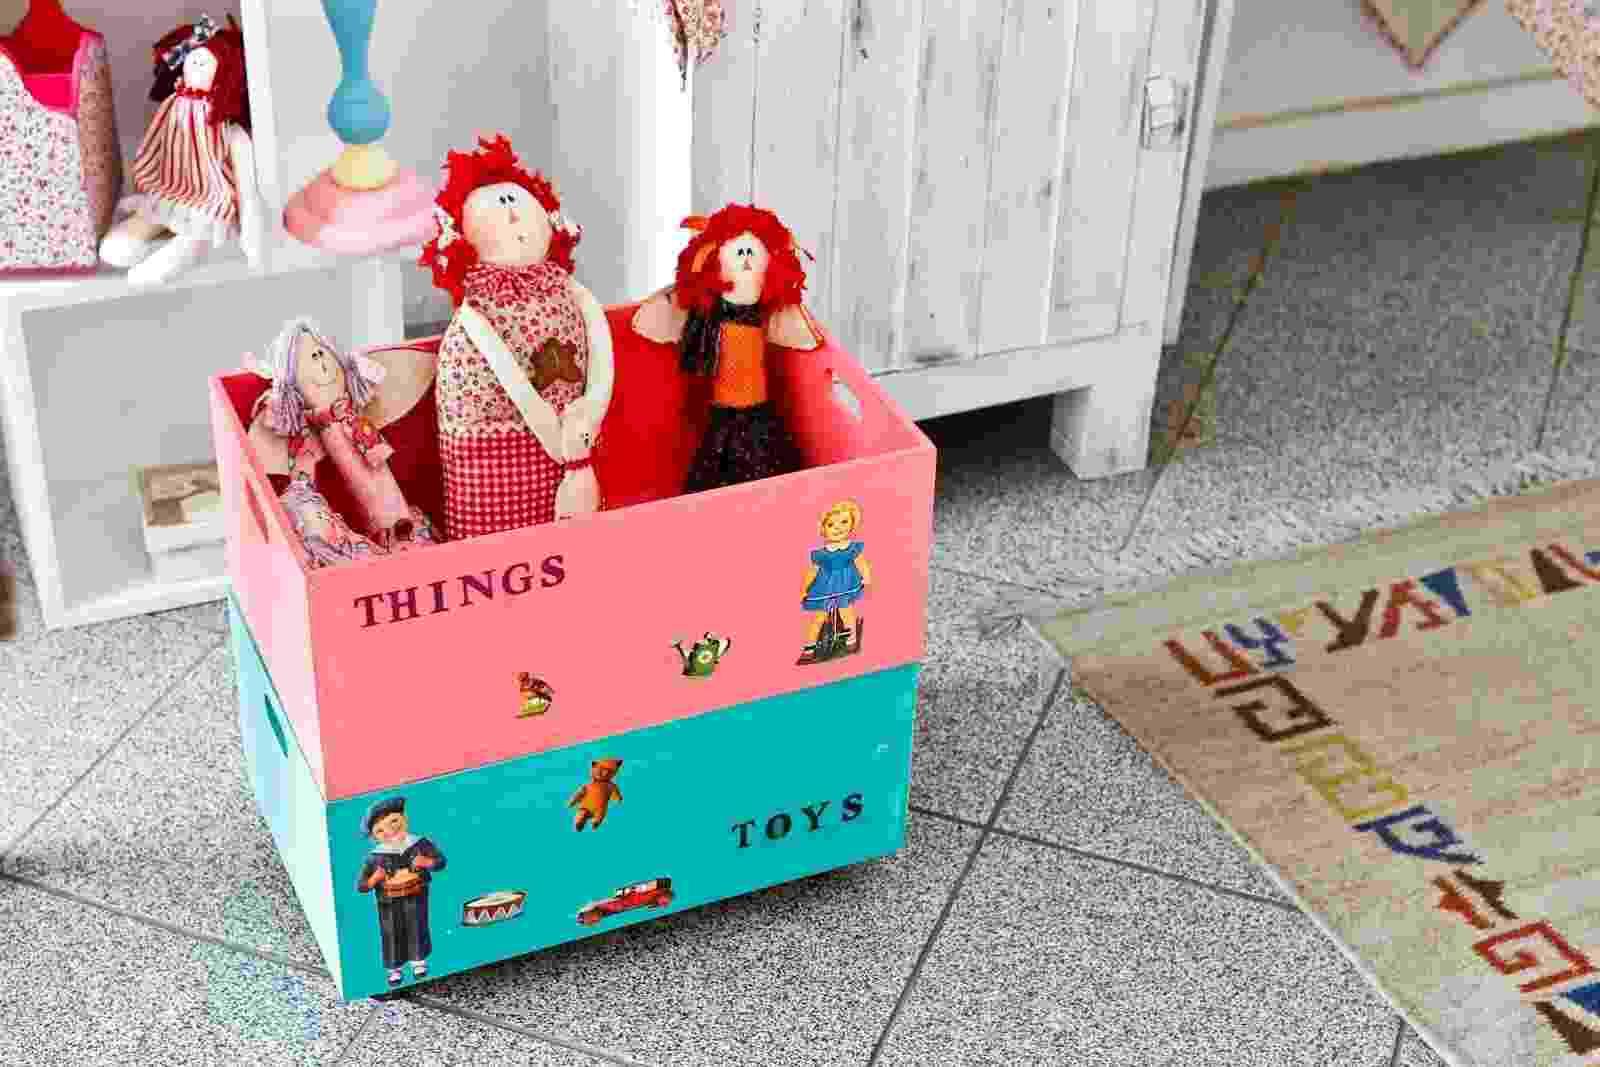 caixa para organizar brinquedos - Leandro Moraes/UOL